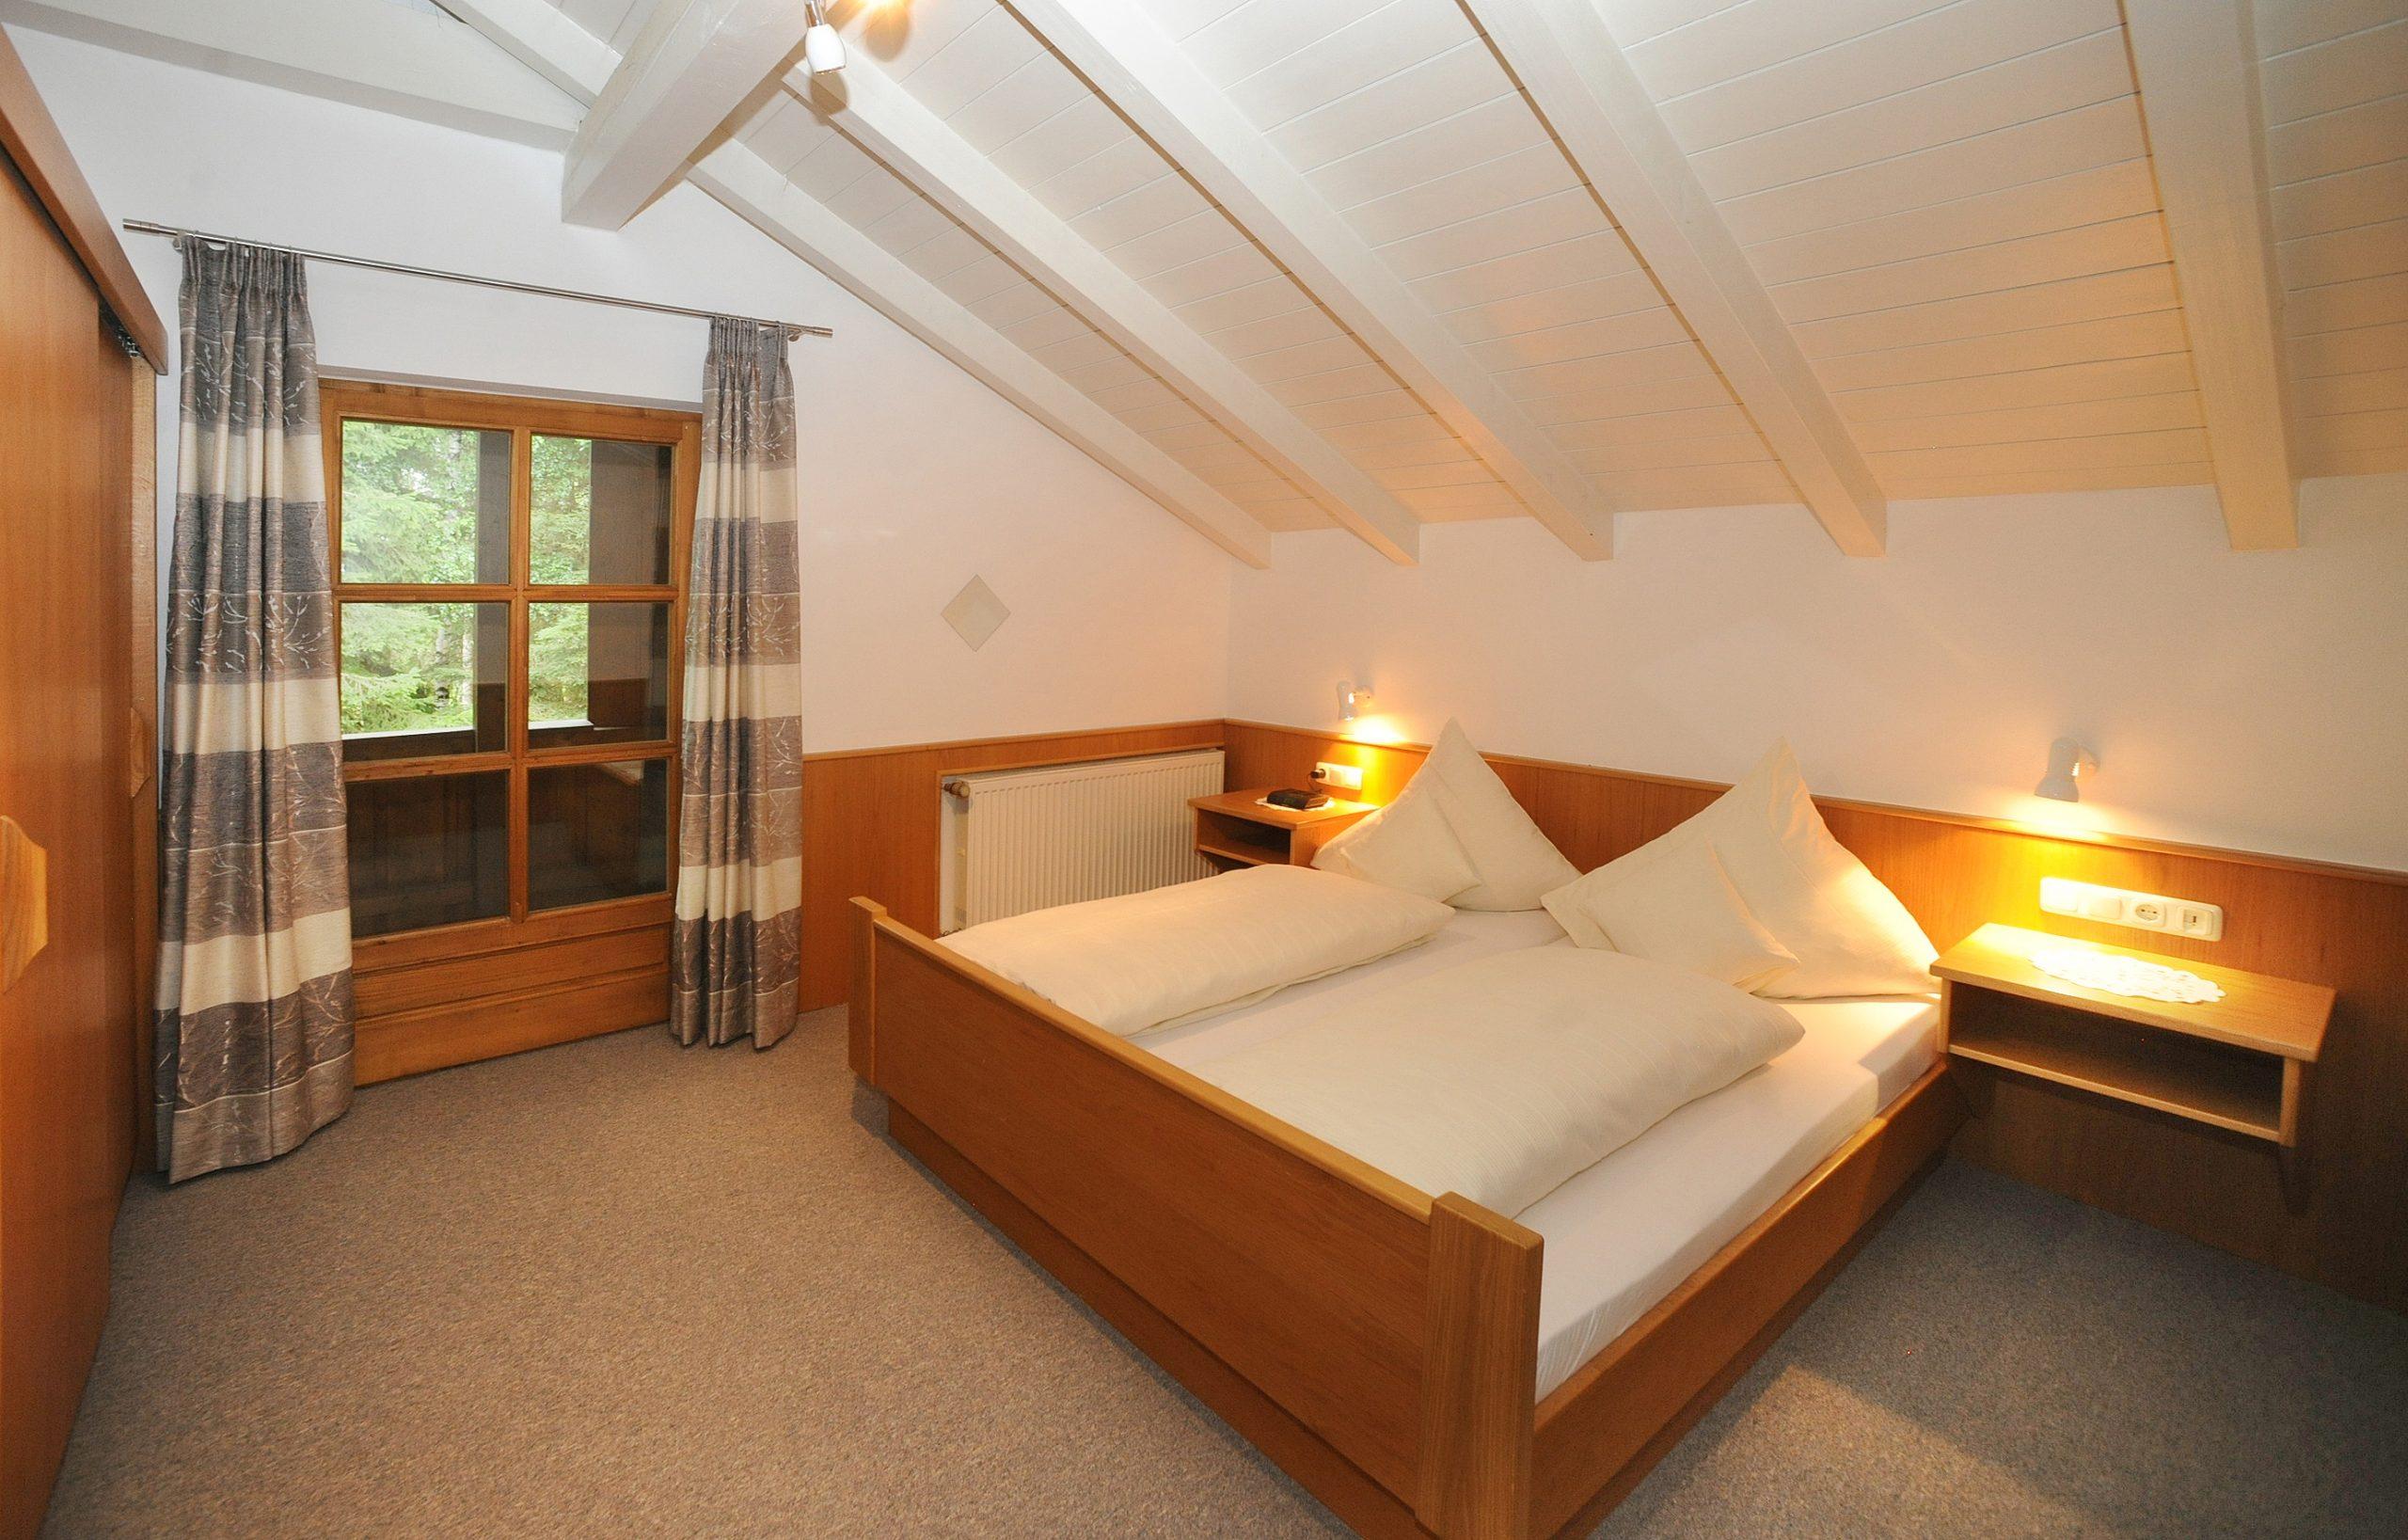 Schlafzimmer Wellnesshotel Bayerischer Wald